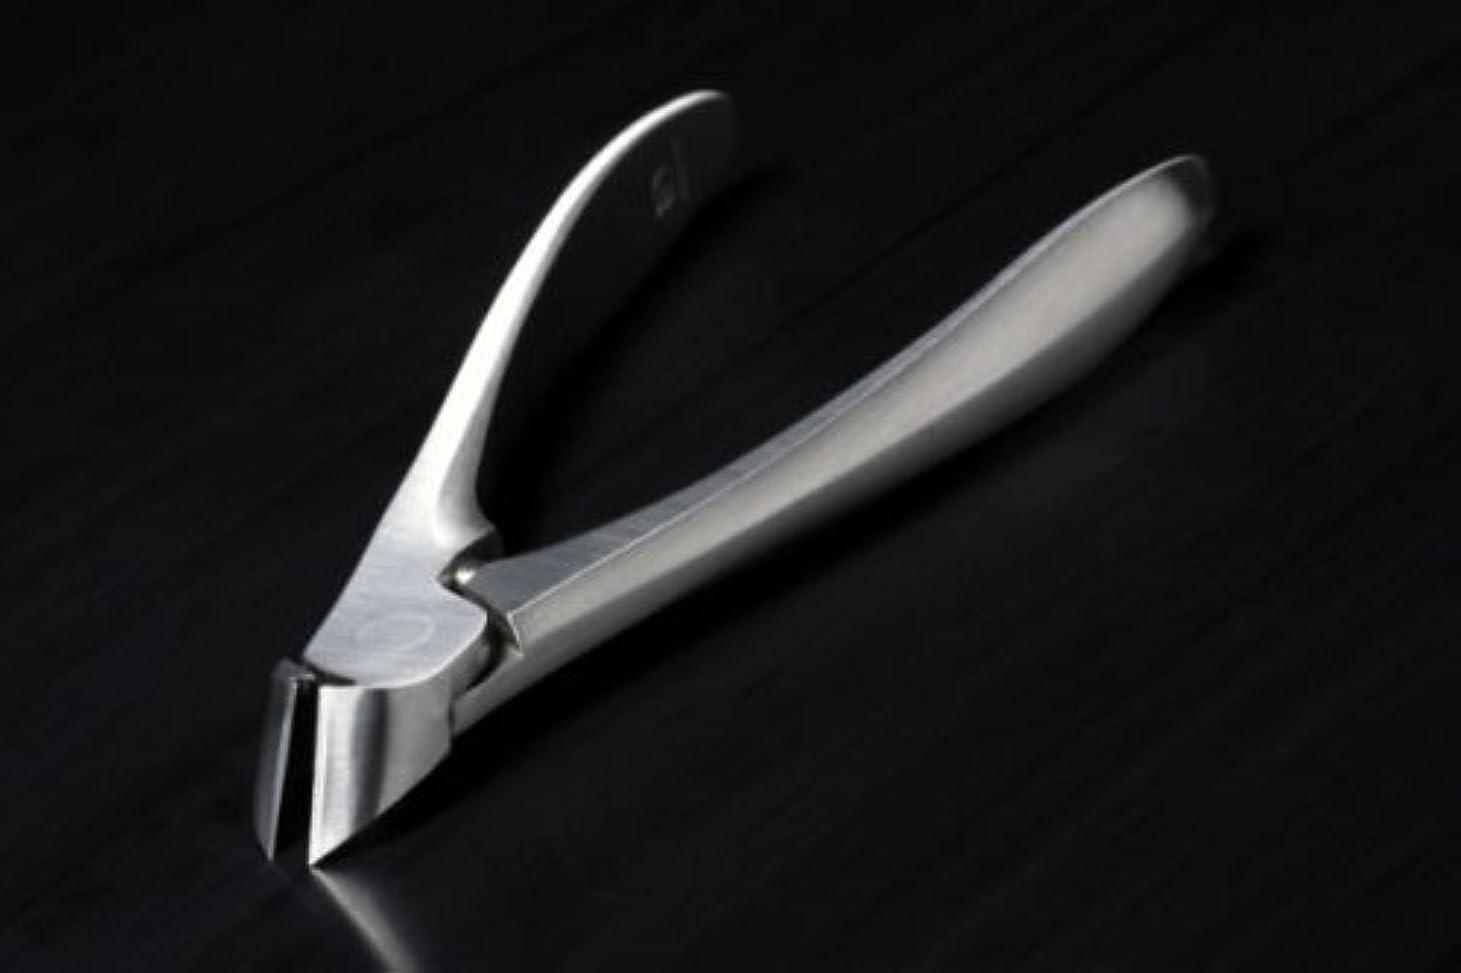 批判こどもの日同盟SUWADA (スワダ)爪切り クラシック 足用 (収納ケース付)